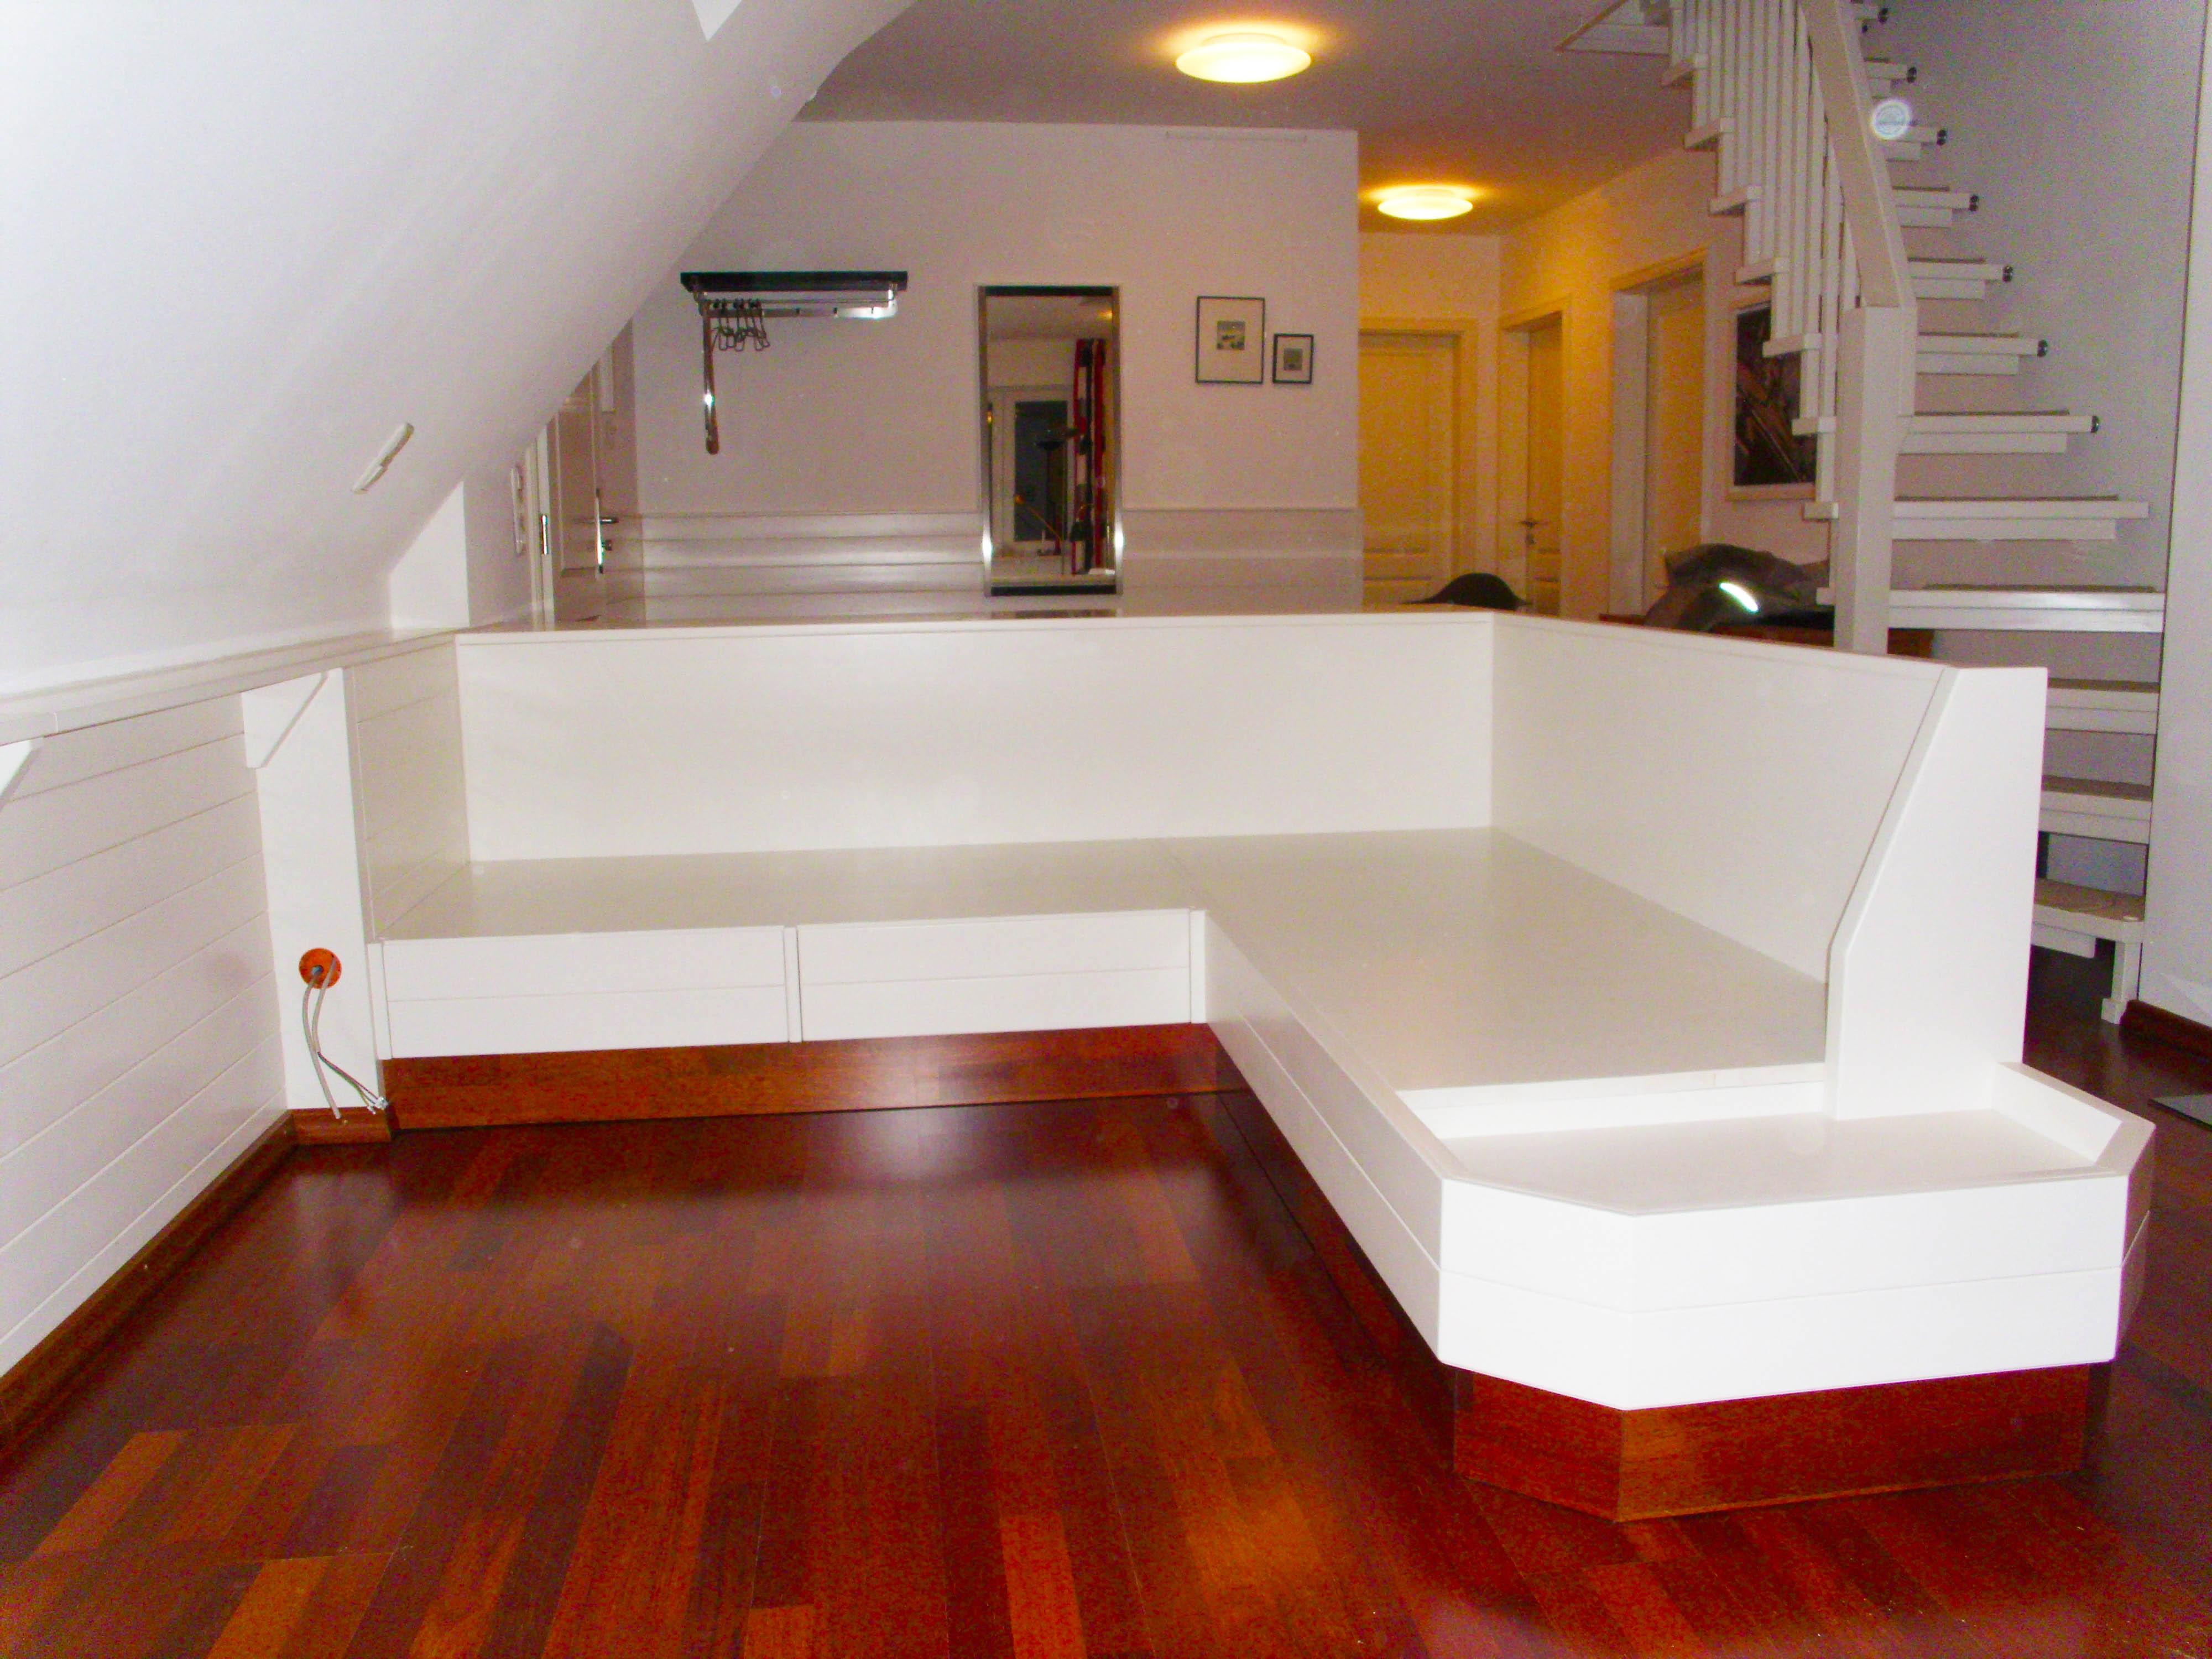 Moderne Möbel Ferienwohnung Sitzschlafecke - Tischlerei Brasch fertigt auch für Hamburg